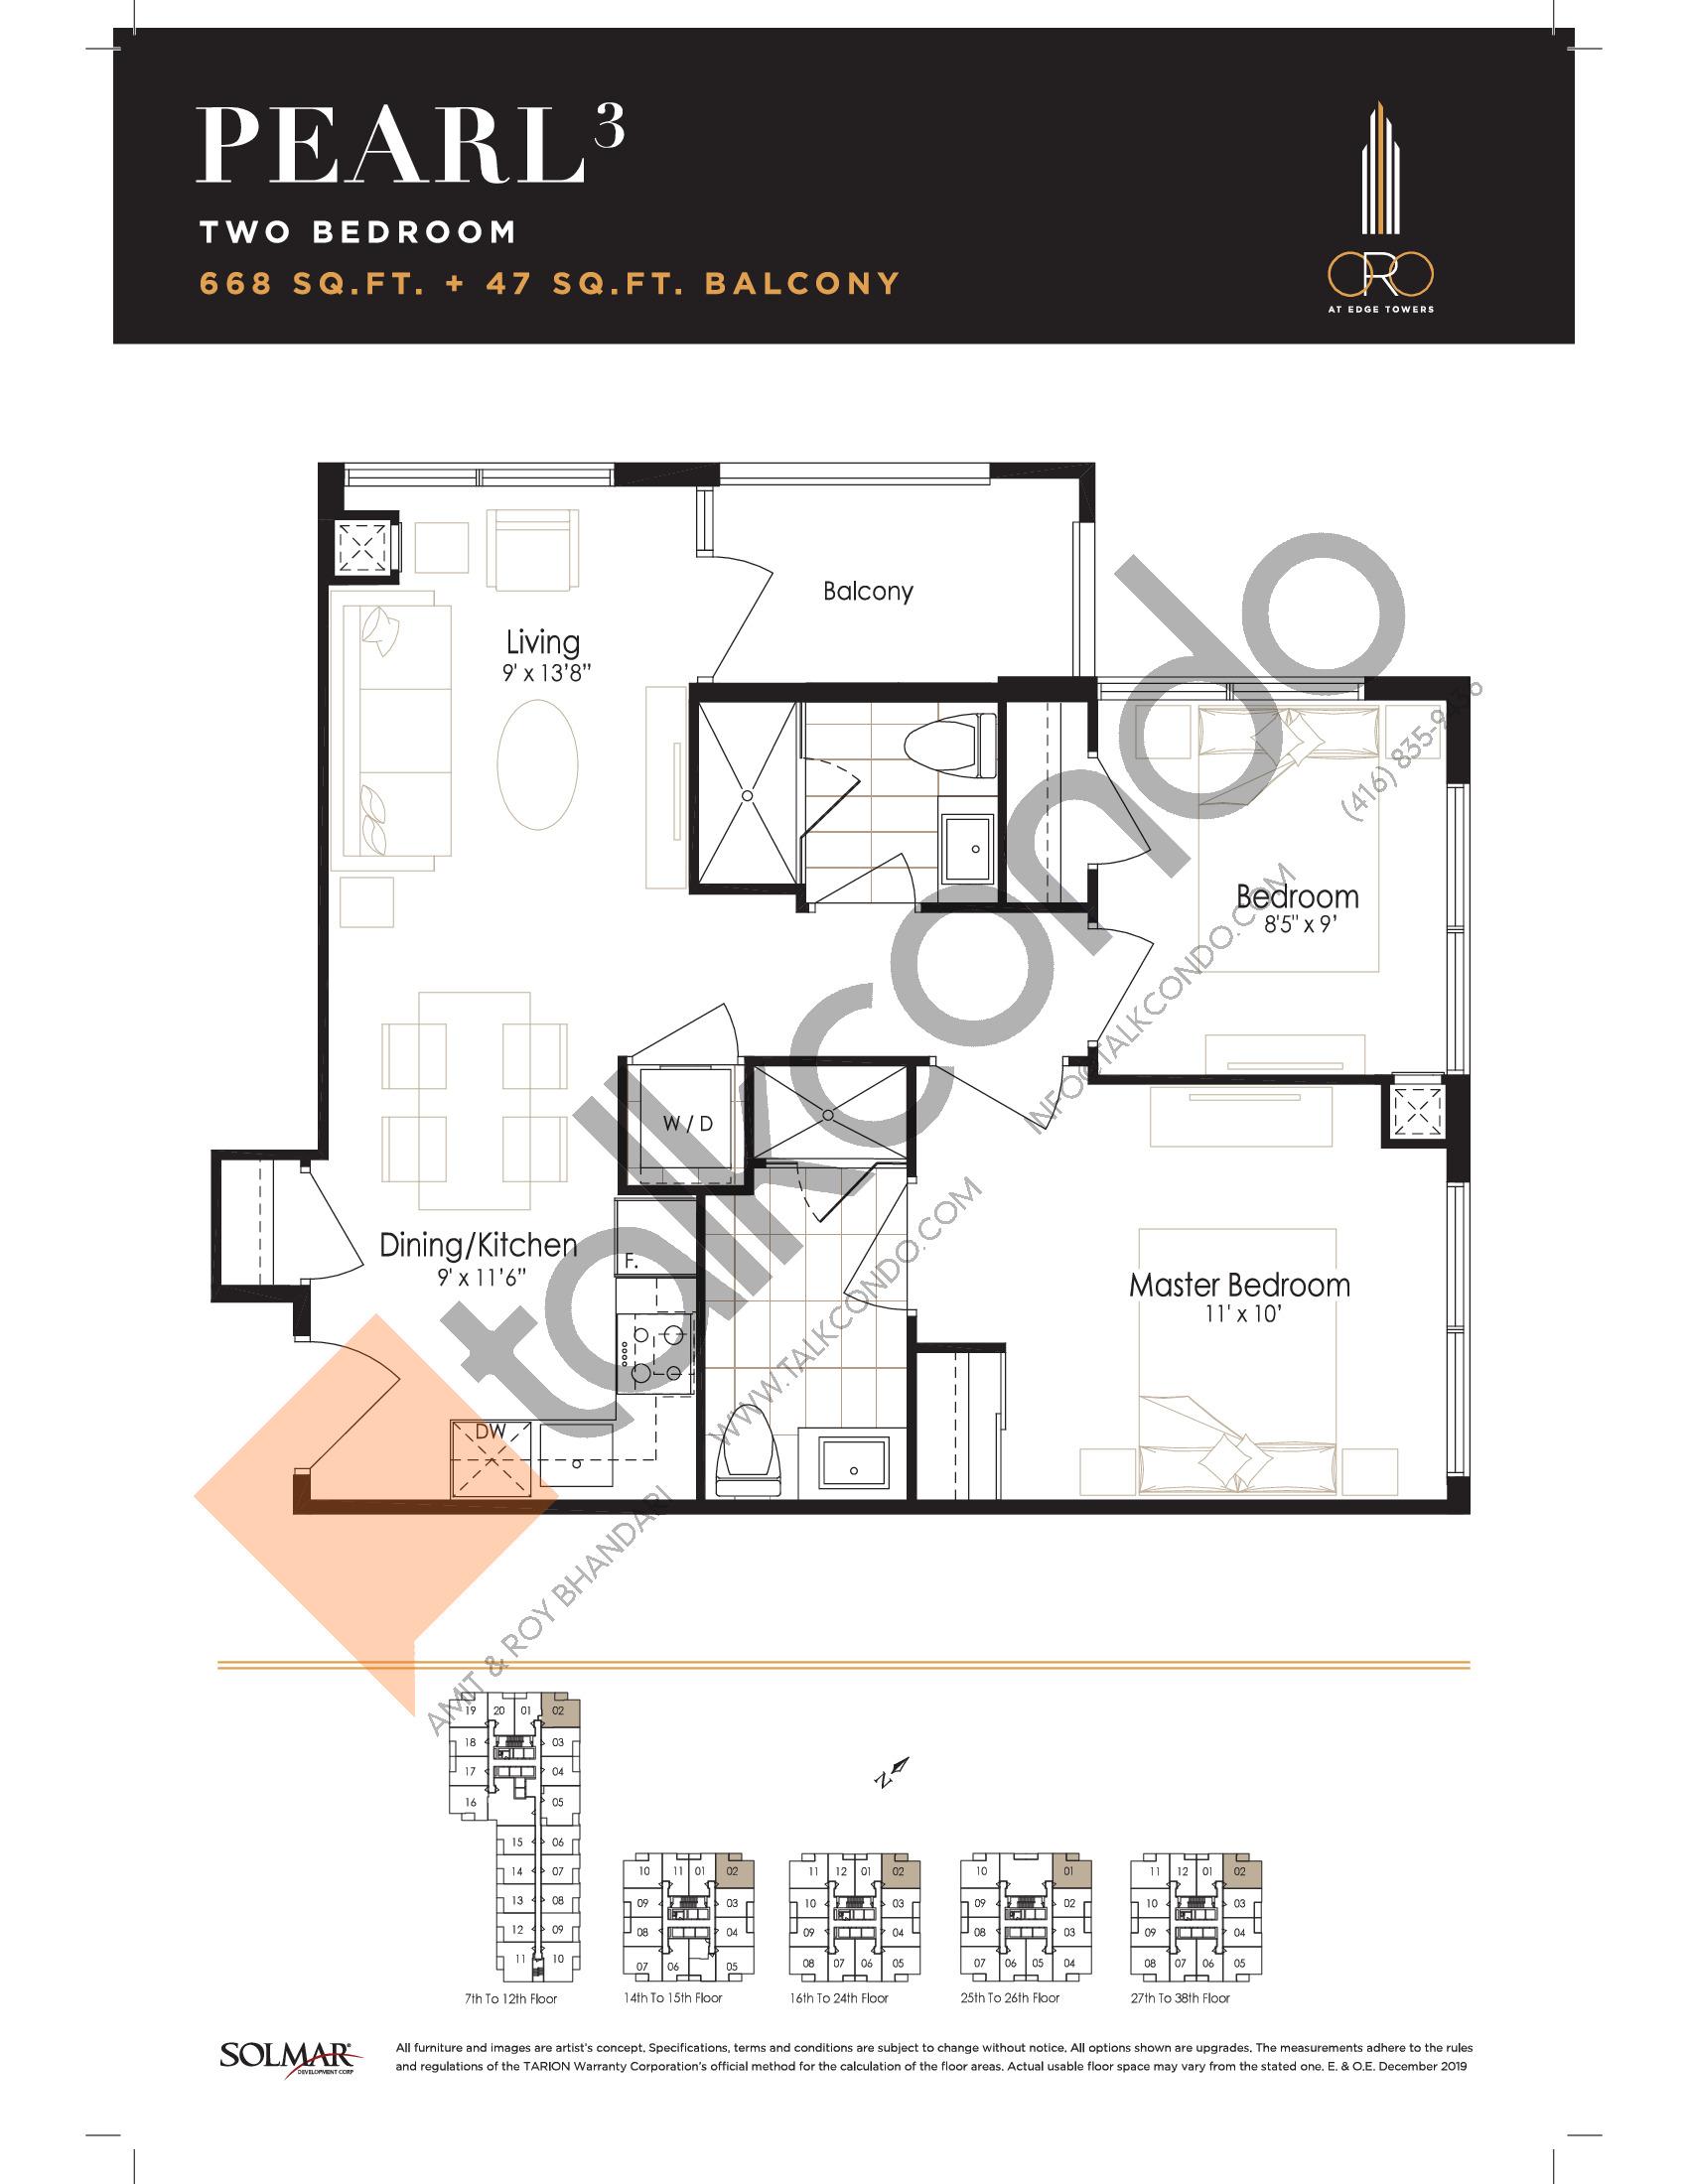 Pearl Floor Plan at ORO at Edge Towers Condos - 668 sq.ft